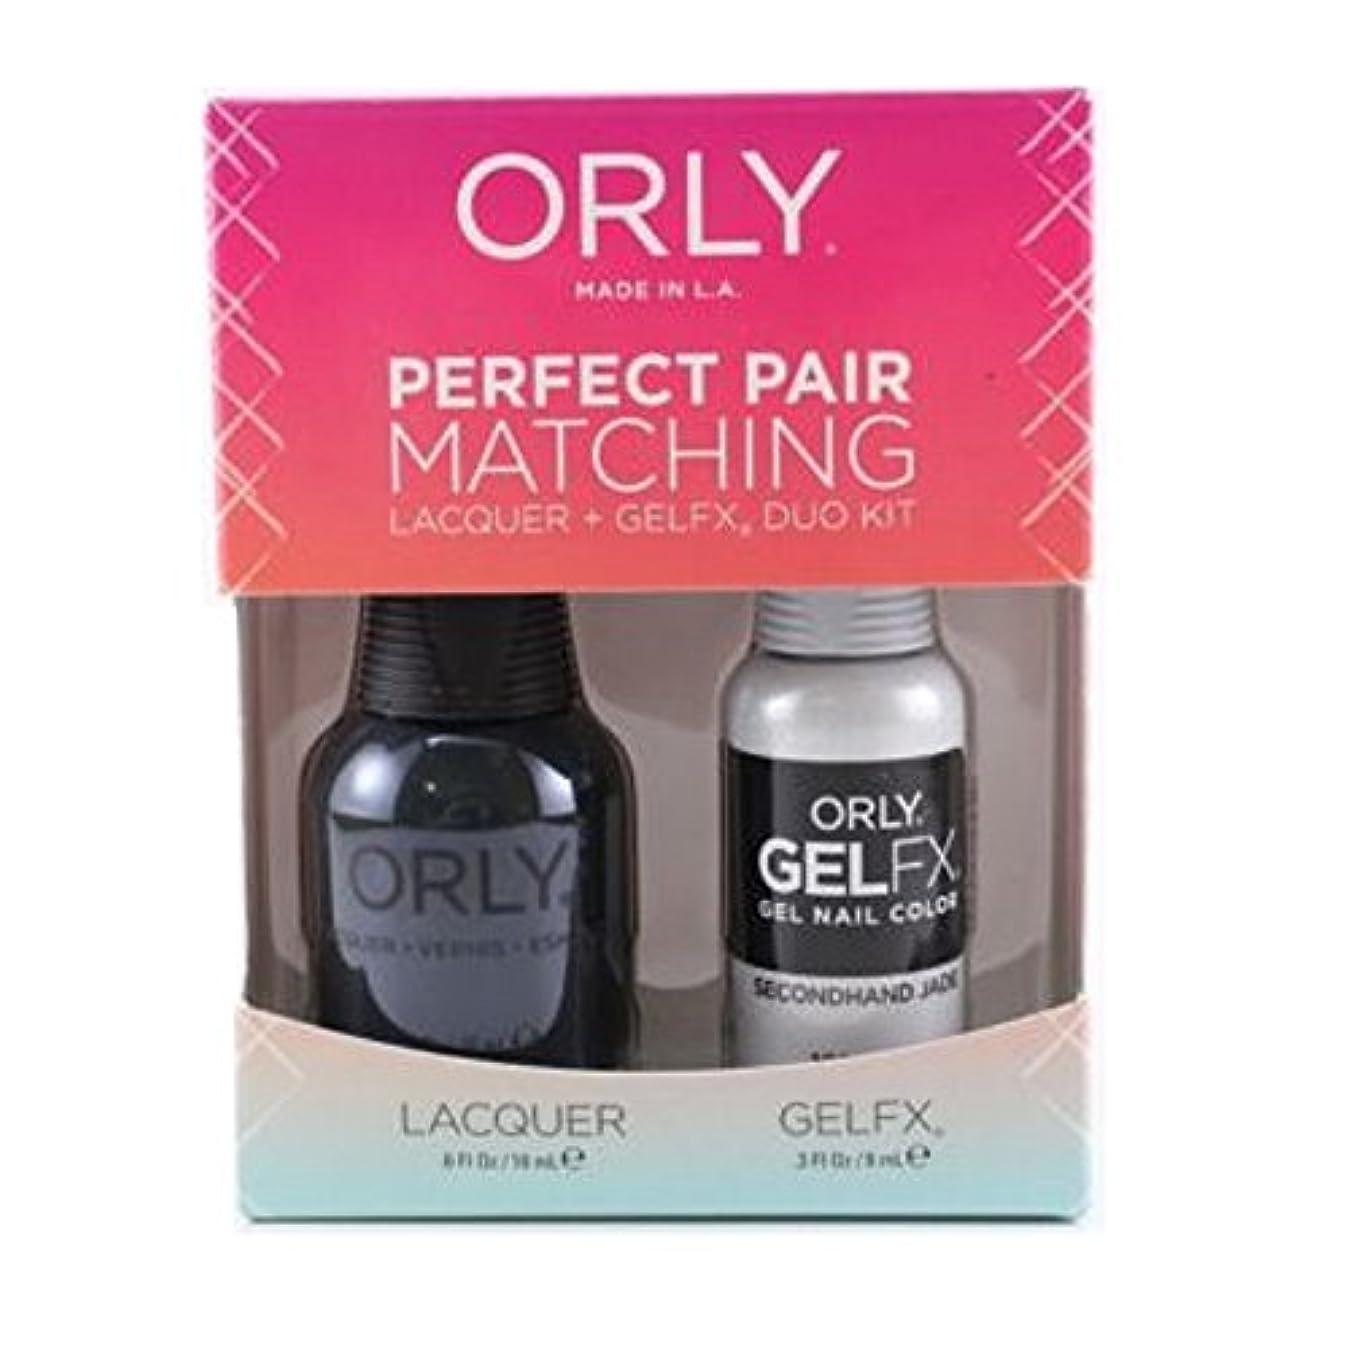 鉄道アパートボルトOrly Lacquer + Gel FX - Perfect Pair Matching DUO Kit - Secondhand Jade